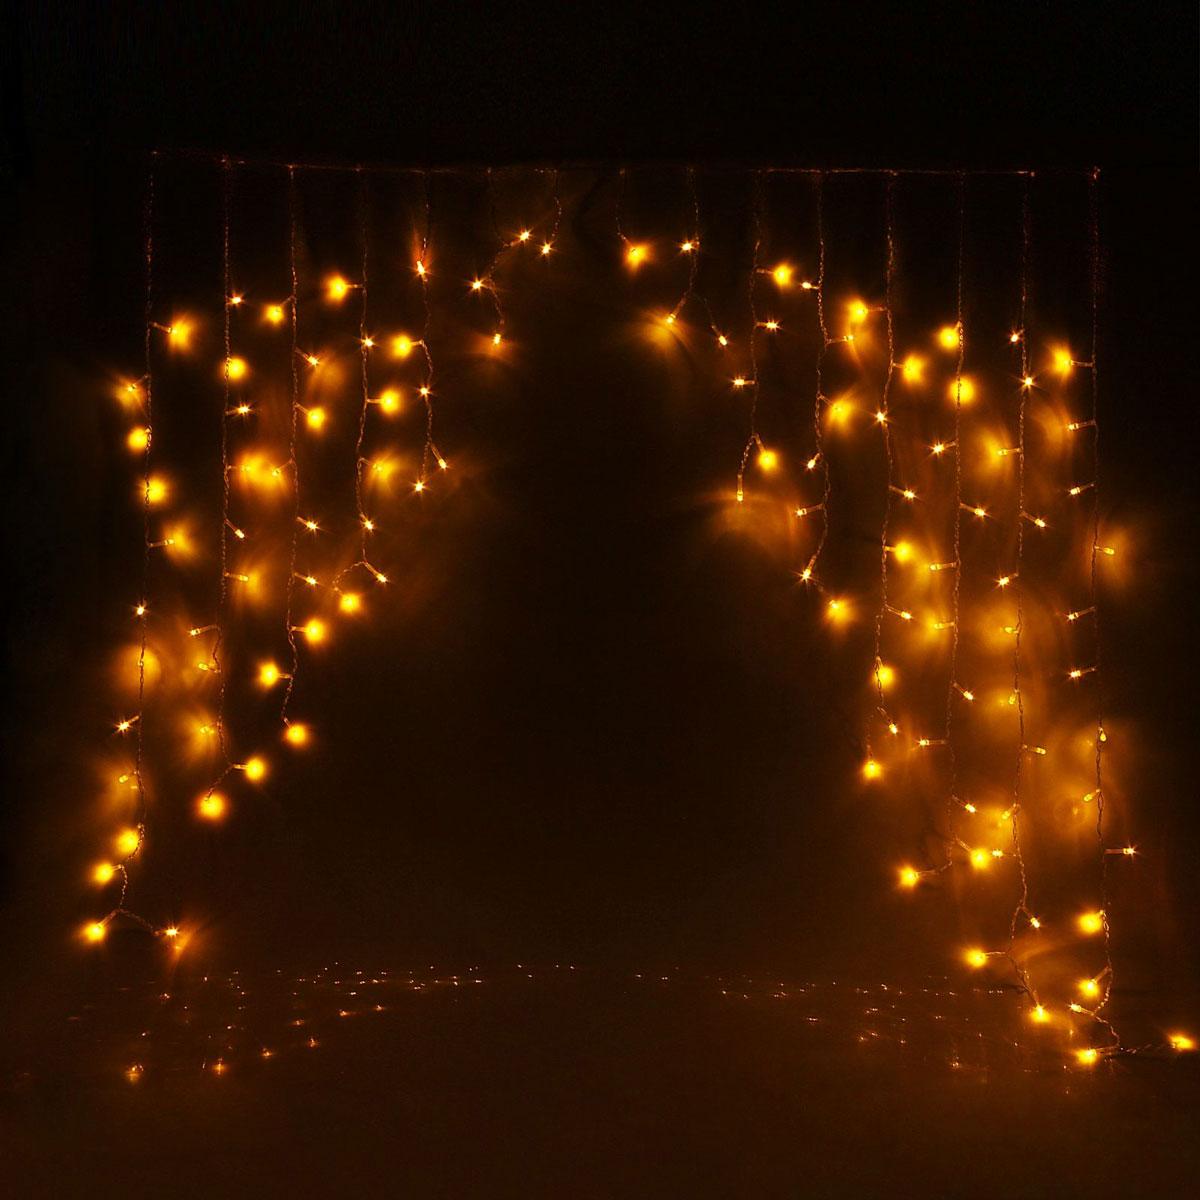 Гирлянда светодиодная Luazon Бахрома. Арка, 8 режимов, 126 ламп, 220 V, цвет: желтый, 1 х 1 м. 10804341080434Светодиодные гирлянды, ленты и т.д — это отличный вариант для новогоднего оформления интерьера или фасада. С их помощью помещение любого размера можно превратить в праздничный зал, а внешние элементы зданий, украшенные ими, мгновенно станут напоминать очертания сказочного дворца. Такие украшения создают ауру предвкушения чуда. Деревья, фасады, витрины, окна и арки будто специально созданы, чтобы вы украсили их светящимися нитями.